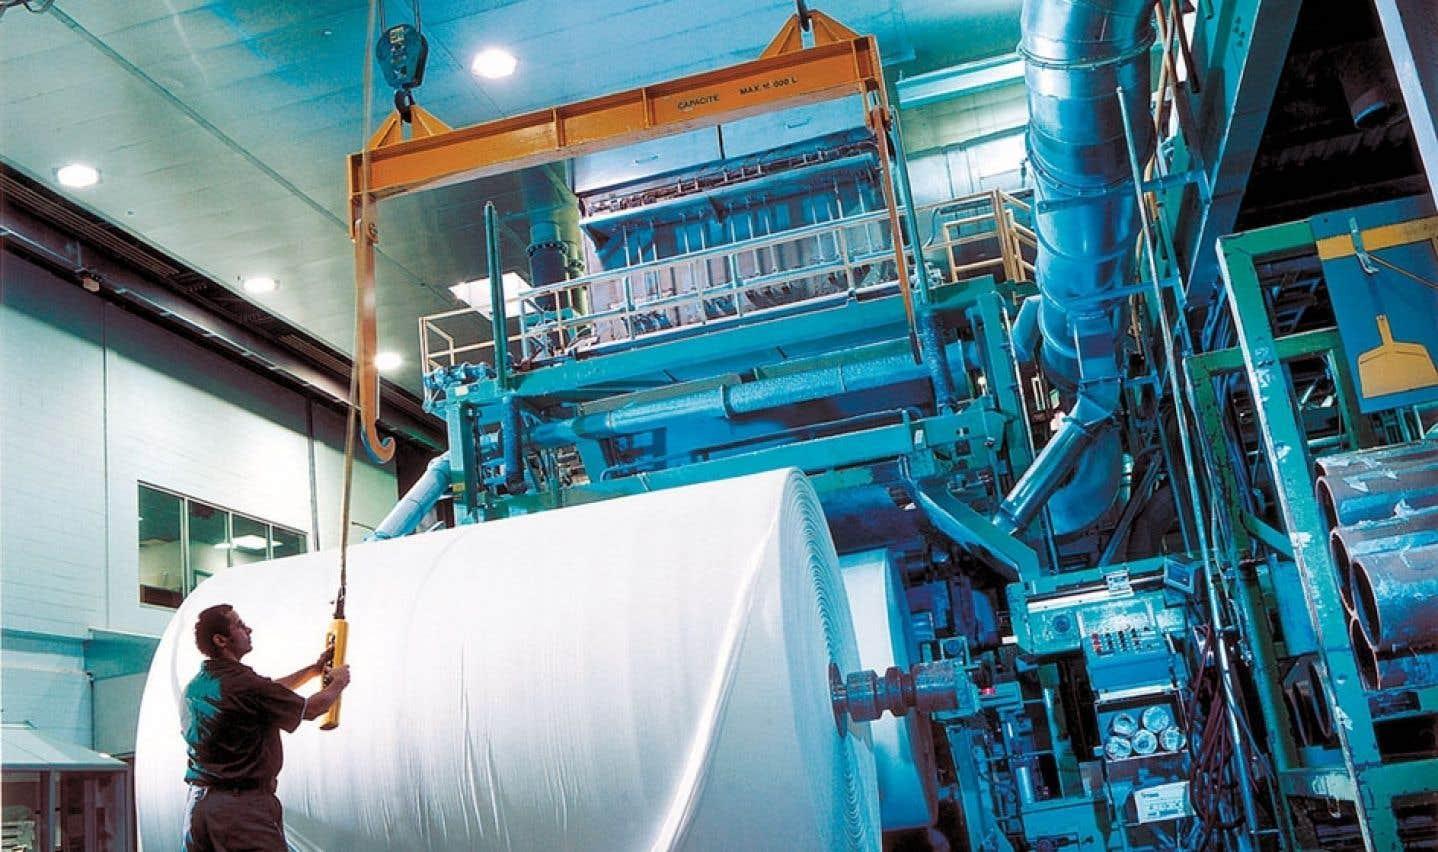 L'usine Cascades, à Kingsey Falls, est ouverte aux visiteurs curieux de s'initier aux procédés de recyclage.